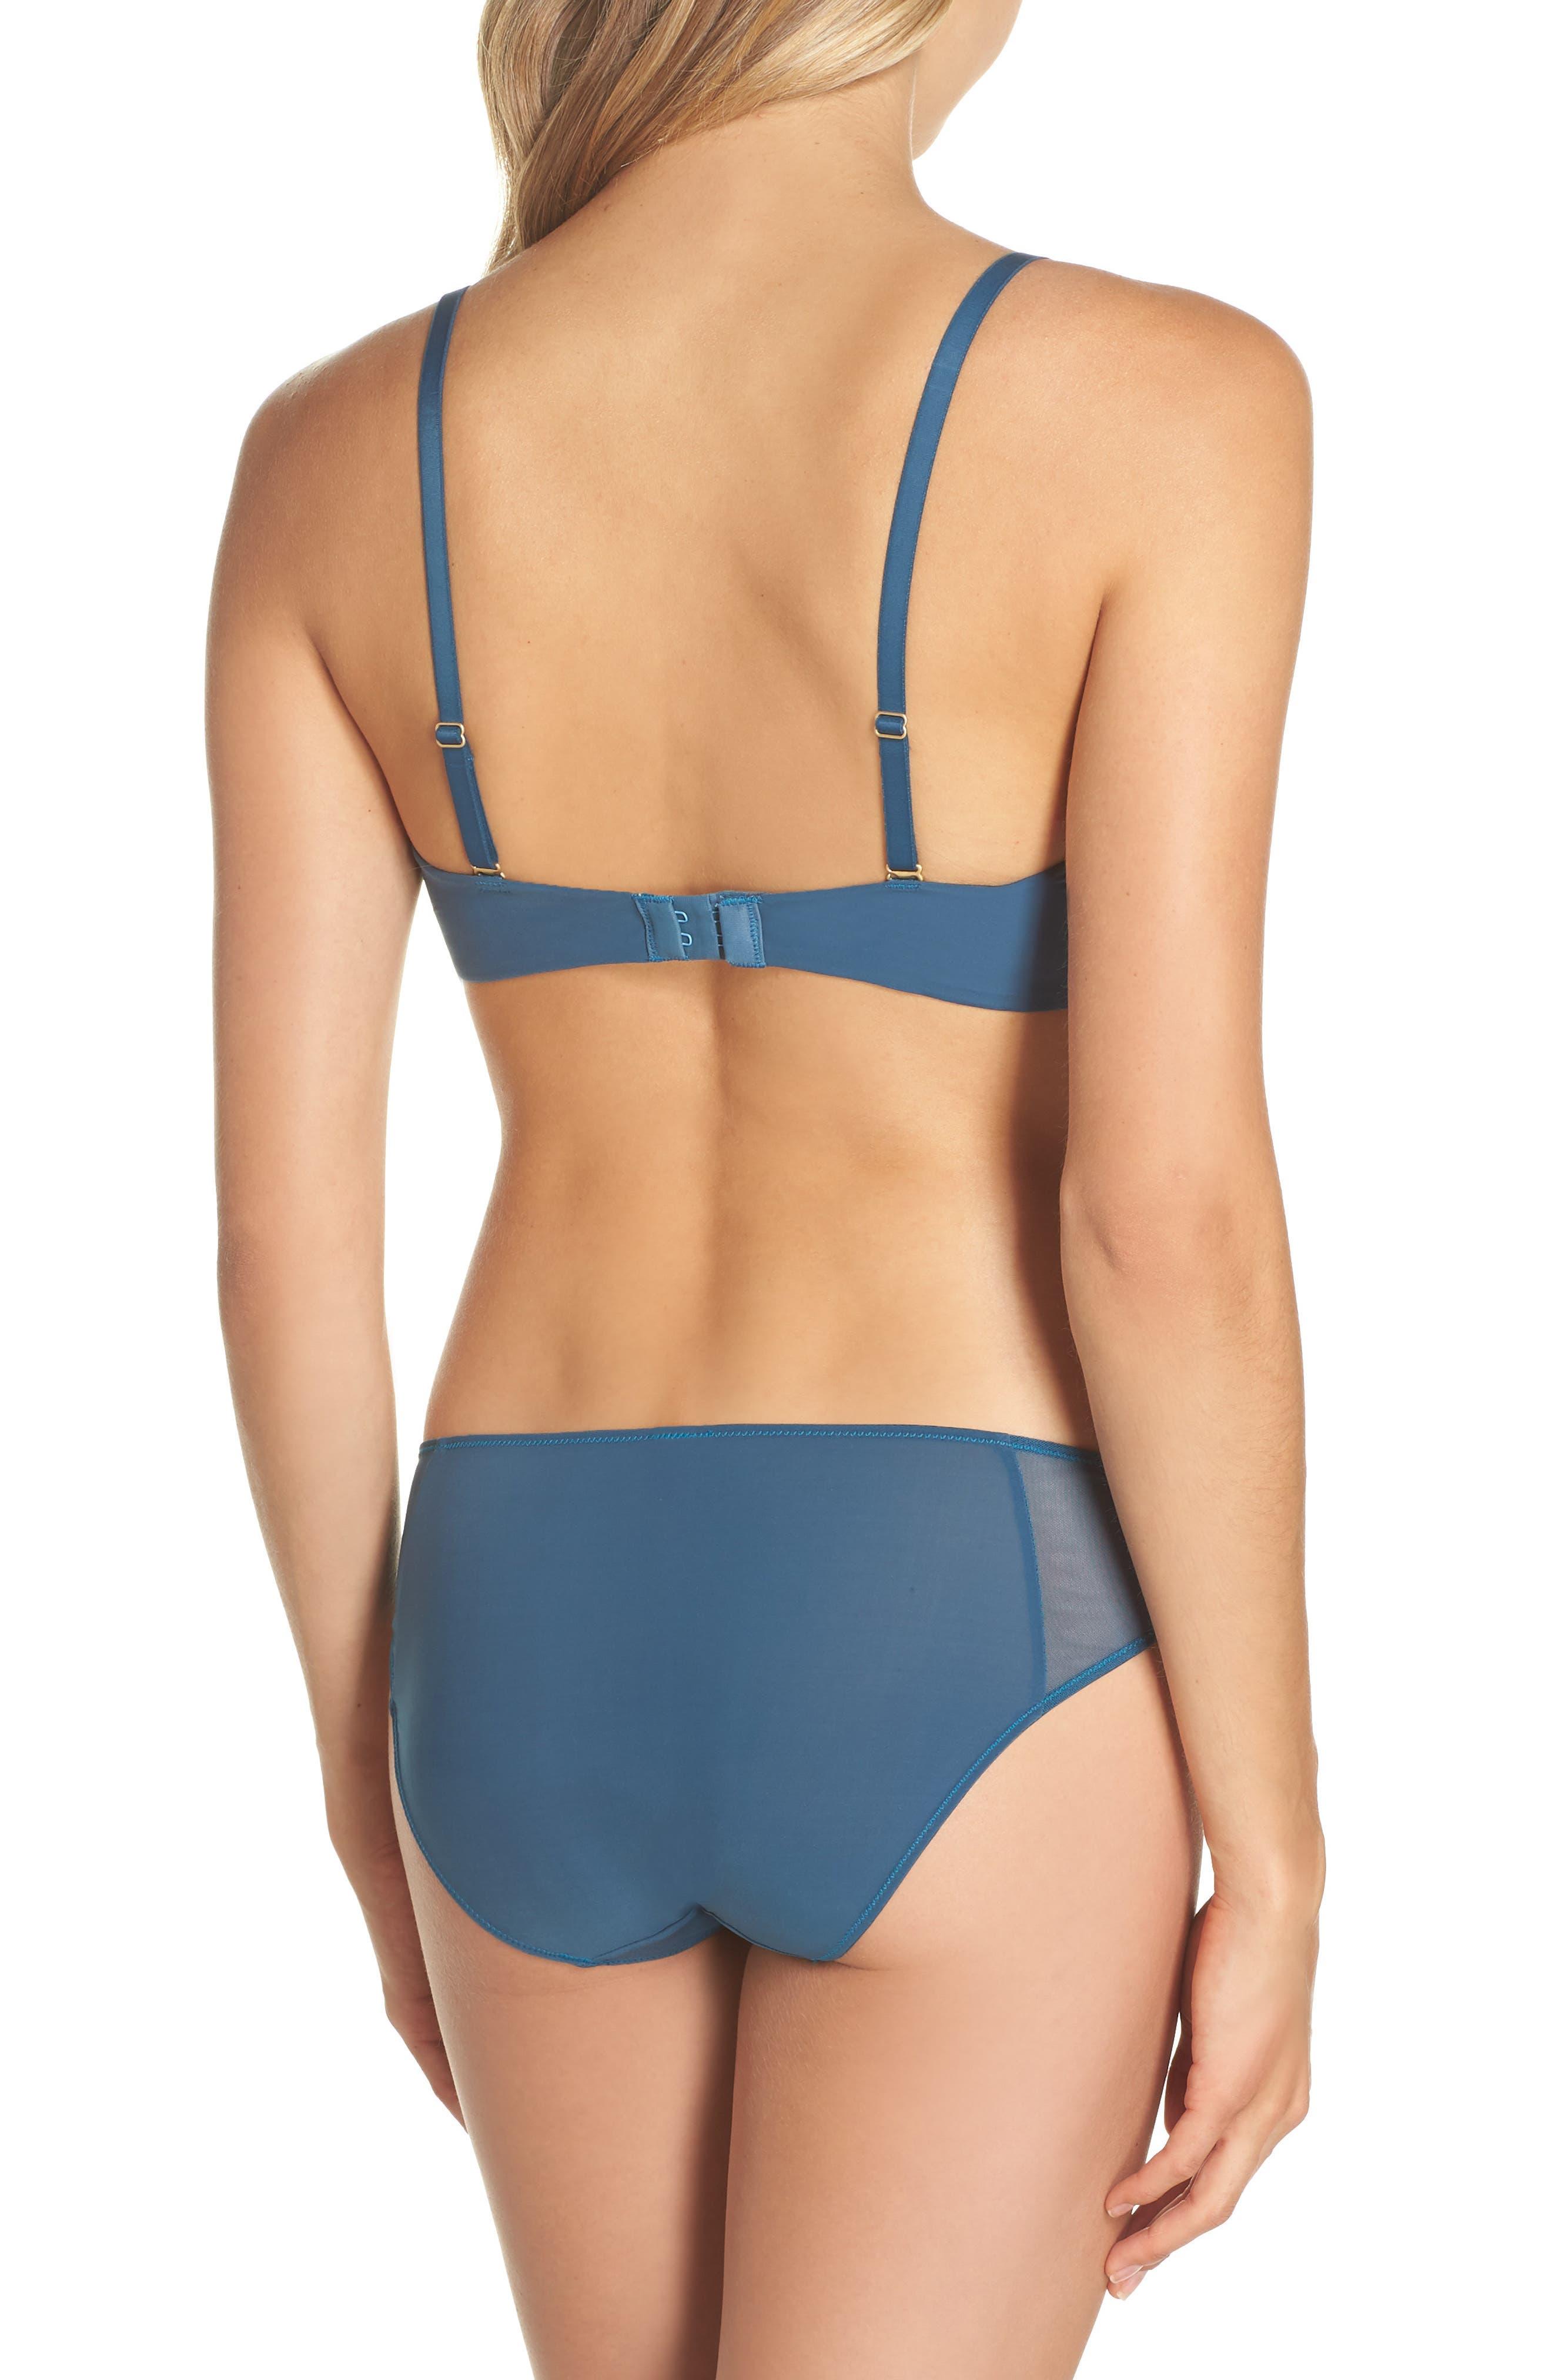 Mesh Trim Bikini,                             Alternate thumbnail 4, color,                             Blue Hematite